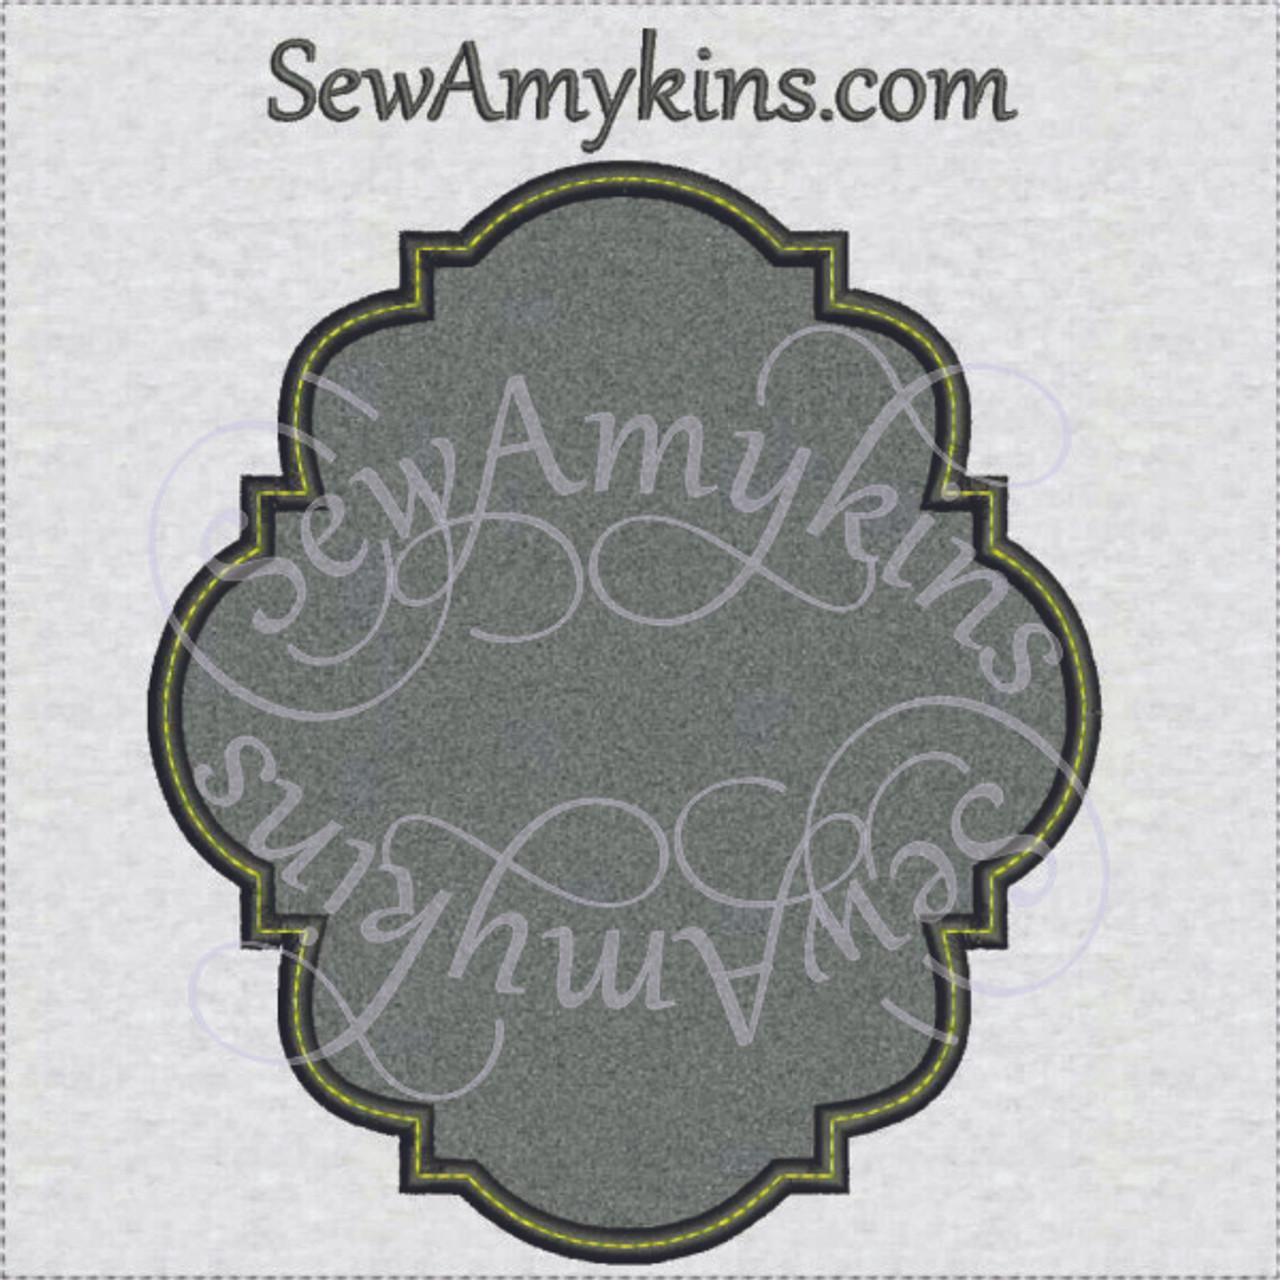 Fancy frame border 21 applique embroidery design digitized set of 4